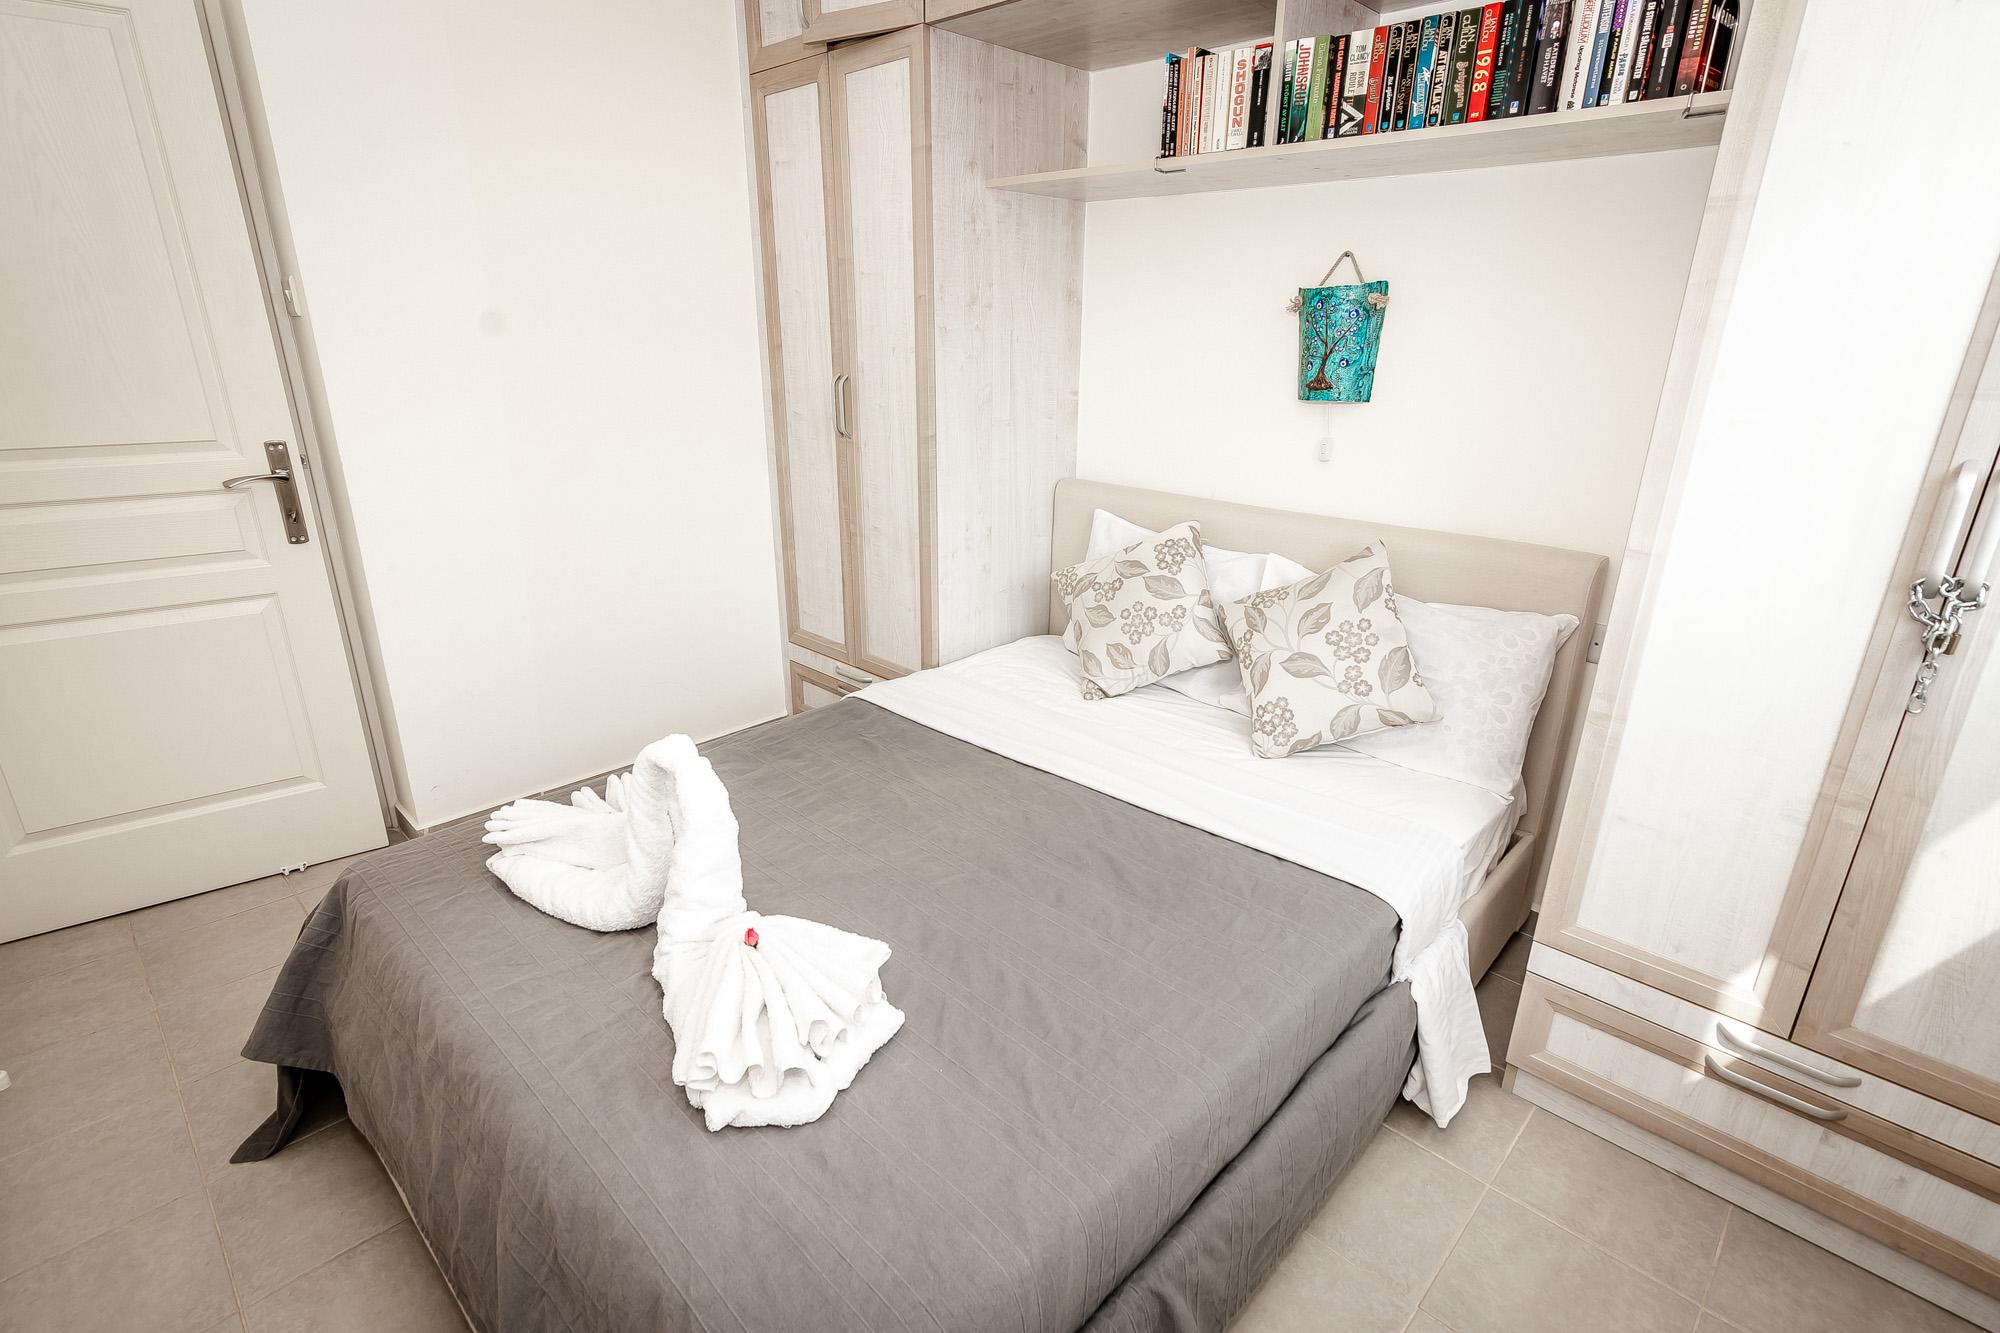 Apartment Joya Cyprus Moonlit Penthouse Apartment photo 20405560